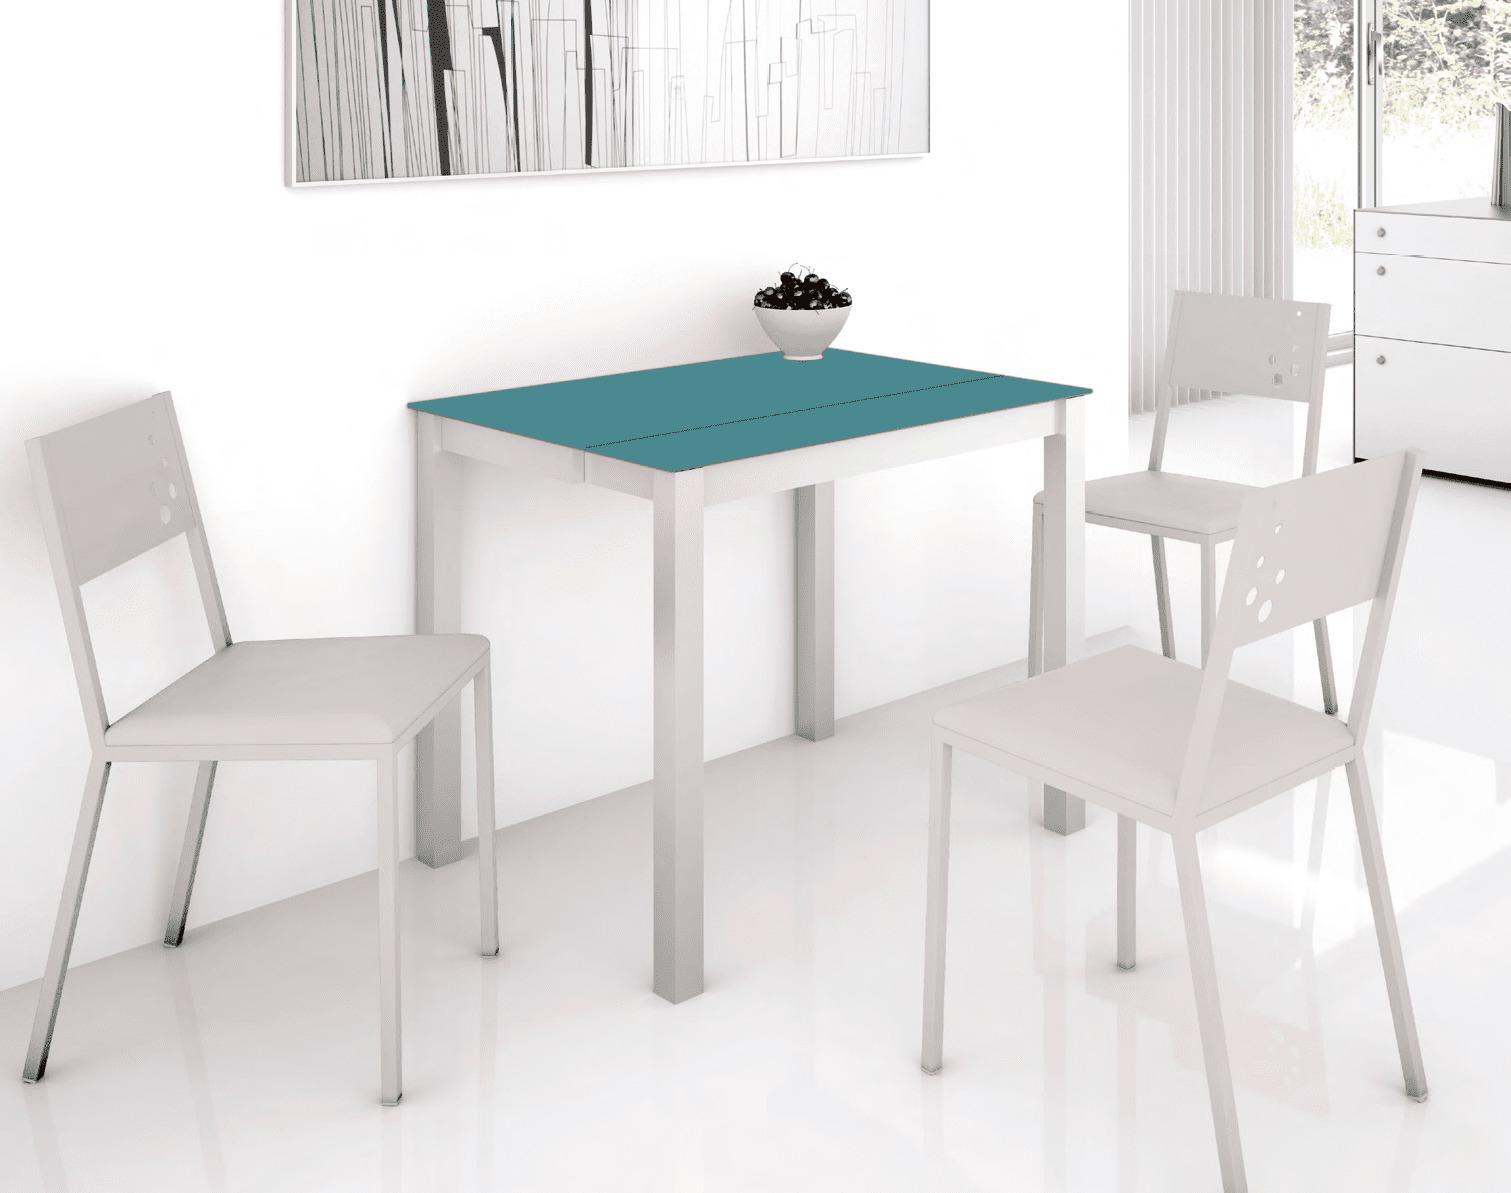 mesas-y-sillas-de-cocina-Low-2018-muebles-paco-caballero-209-5c952462d0ca6